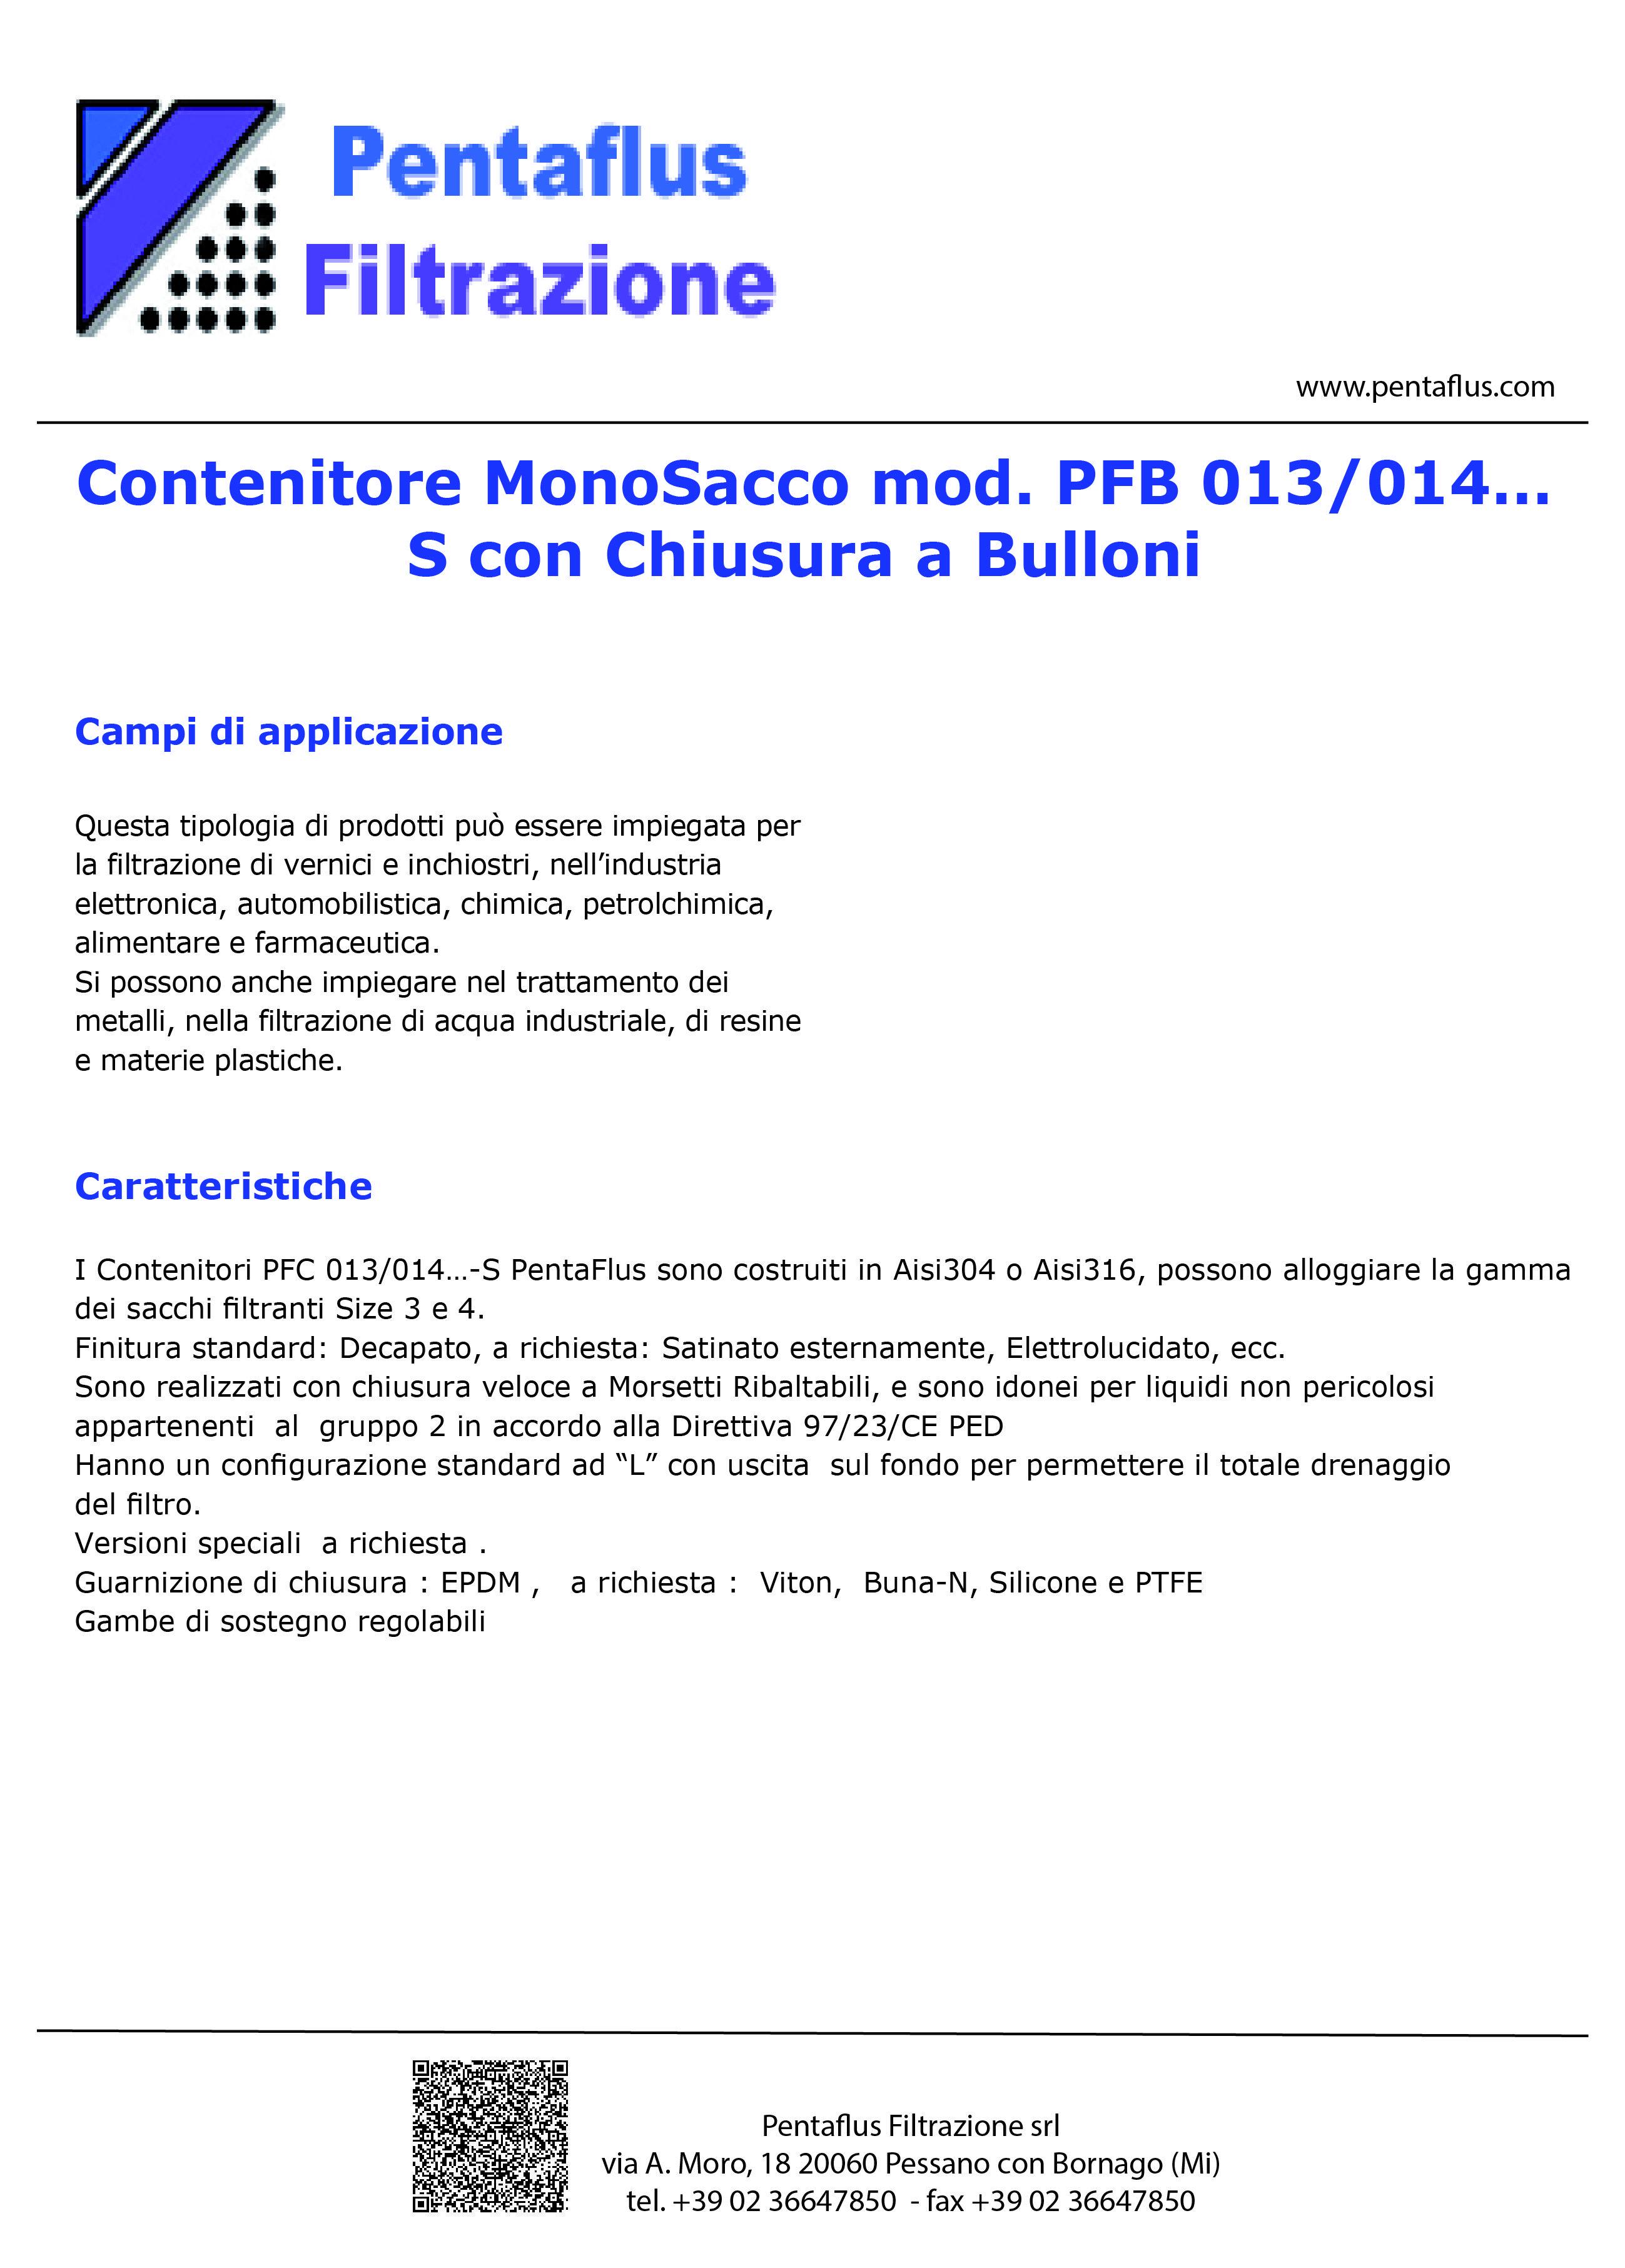 Contenitore MonoSacco mod. PFB 013/014… S con Chiusura a Bulloni